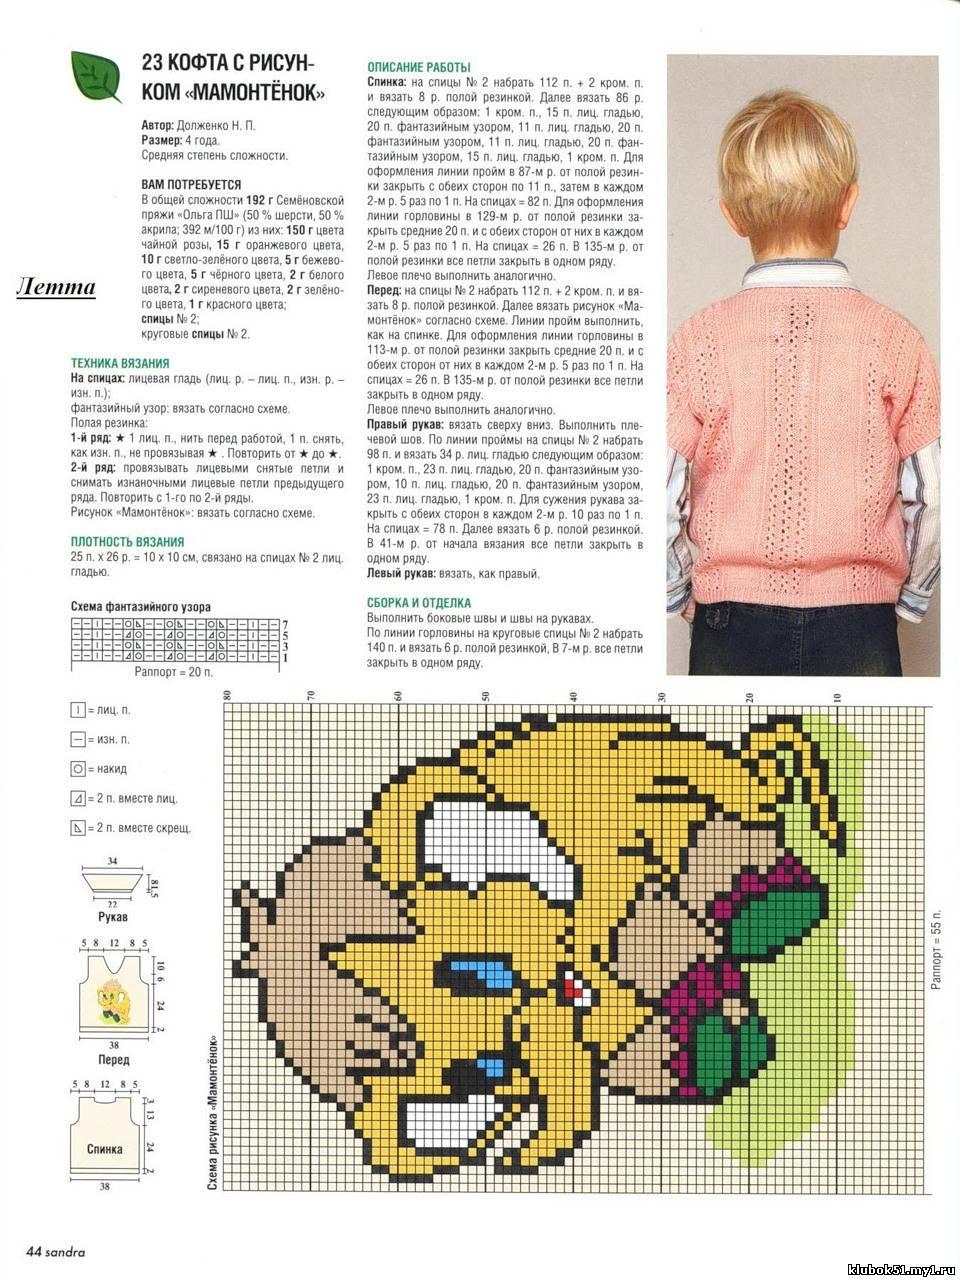 Узоры вязания спицами : видео, схемы, описание 88